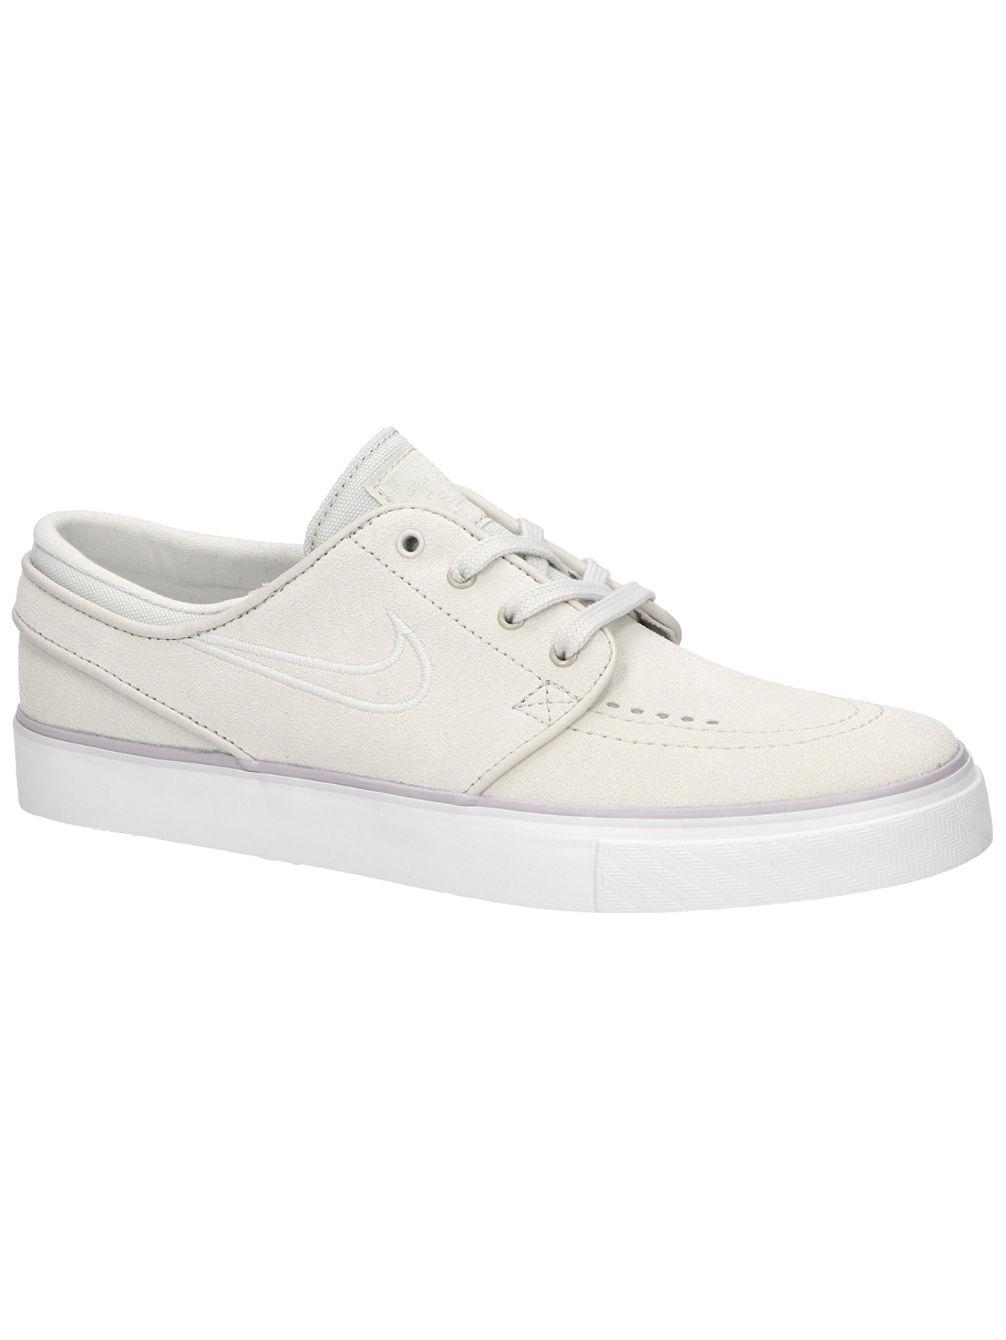 huge discount 5d119 43f5c Air Zoom Stefan Janoski Sneakers. Nike